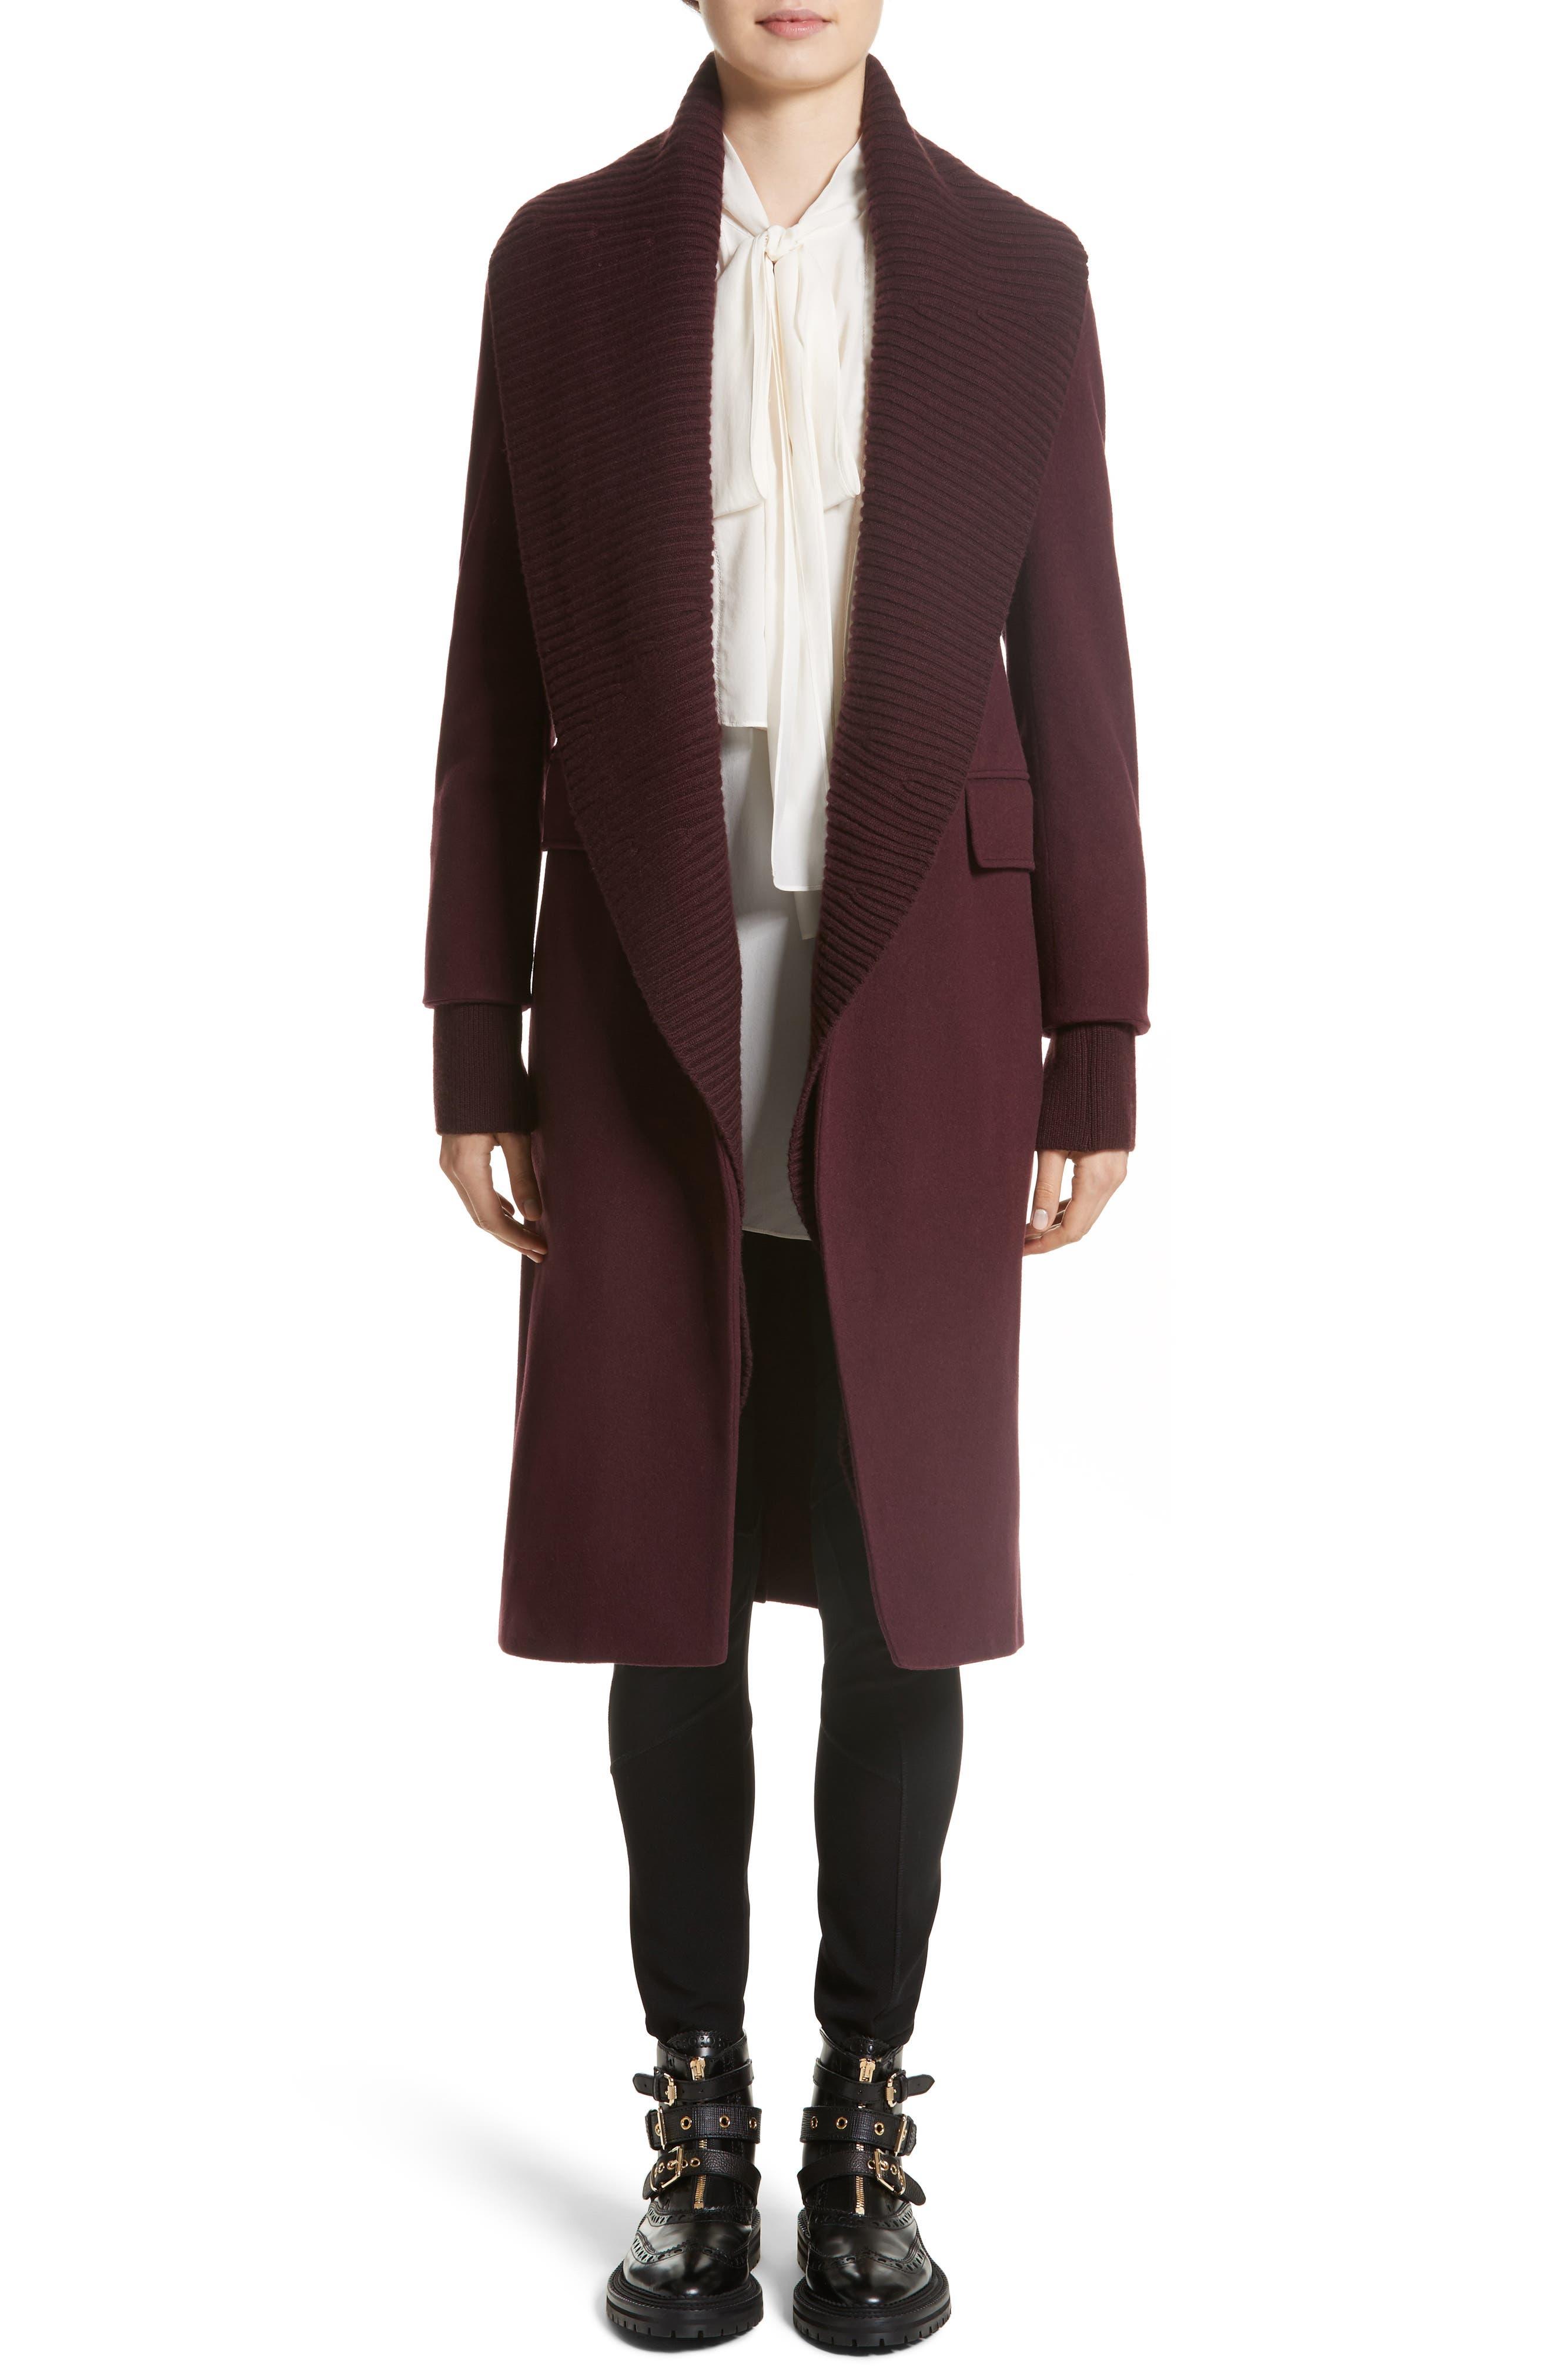 Cairndale Knit Trim Cashmere Coat,                             Alternate thumbnail 9, color,                             Black Currant